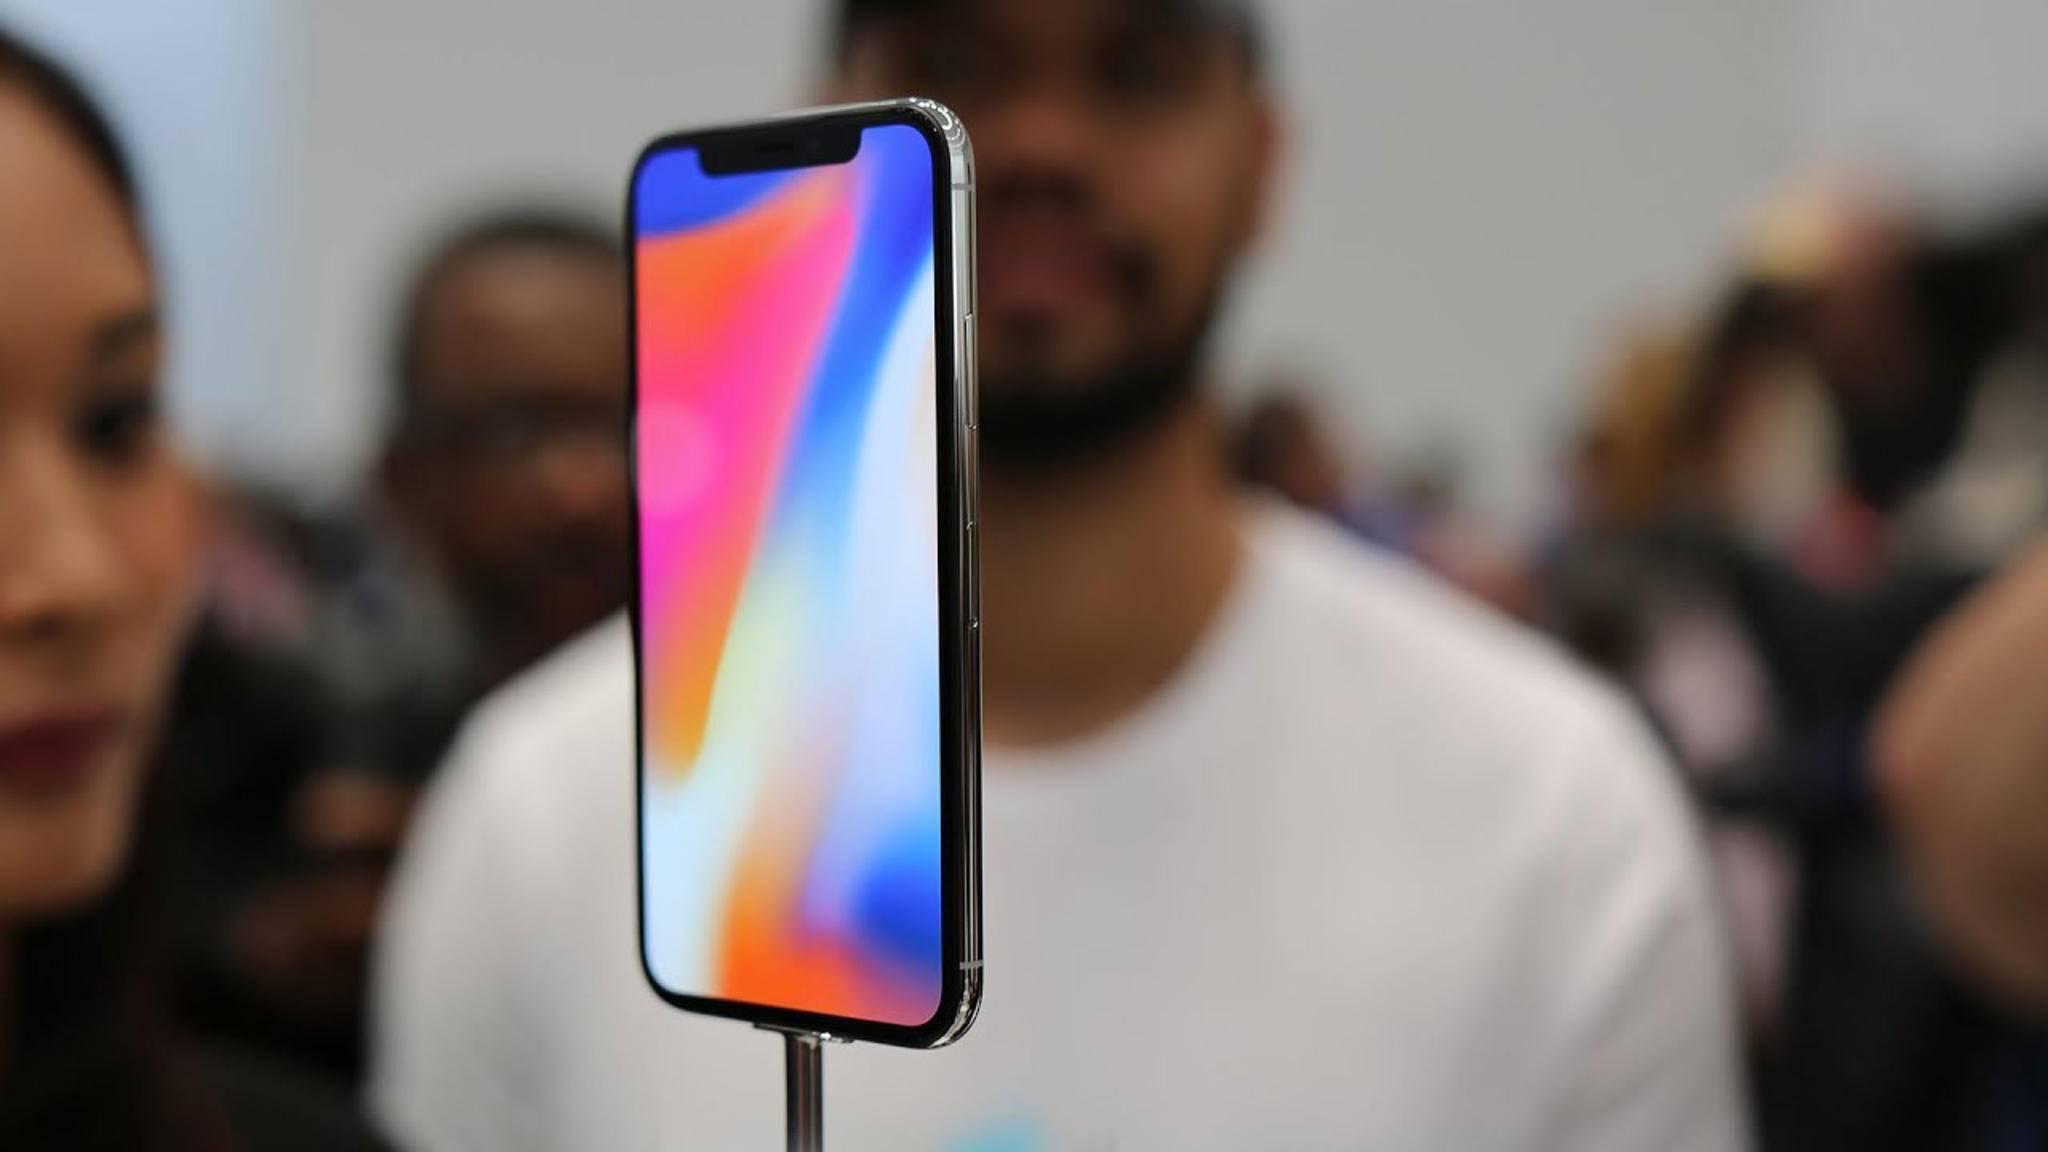 Das iPhone X enthält keine giftigen Stoffe wie Quecksilber oder Beryllium.